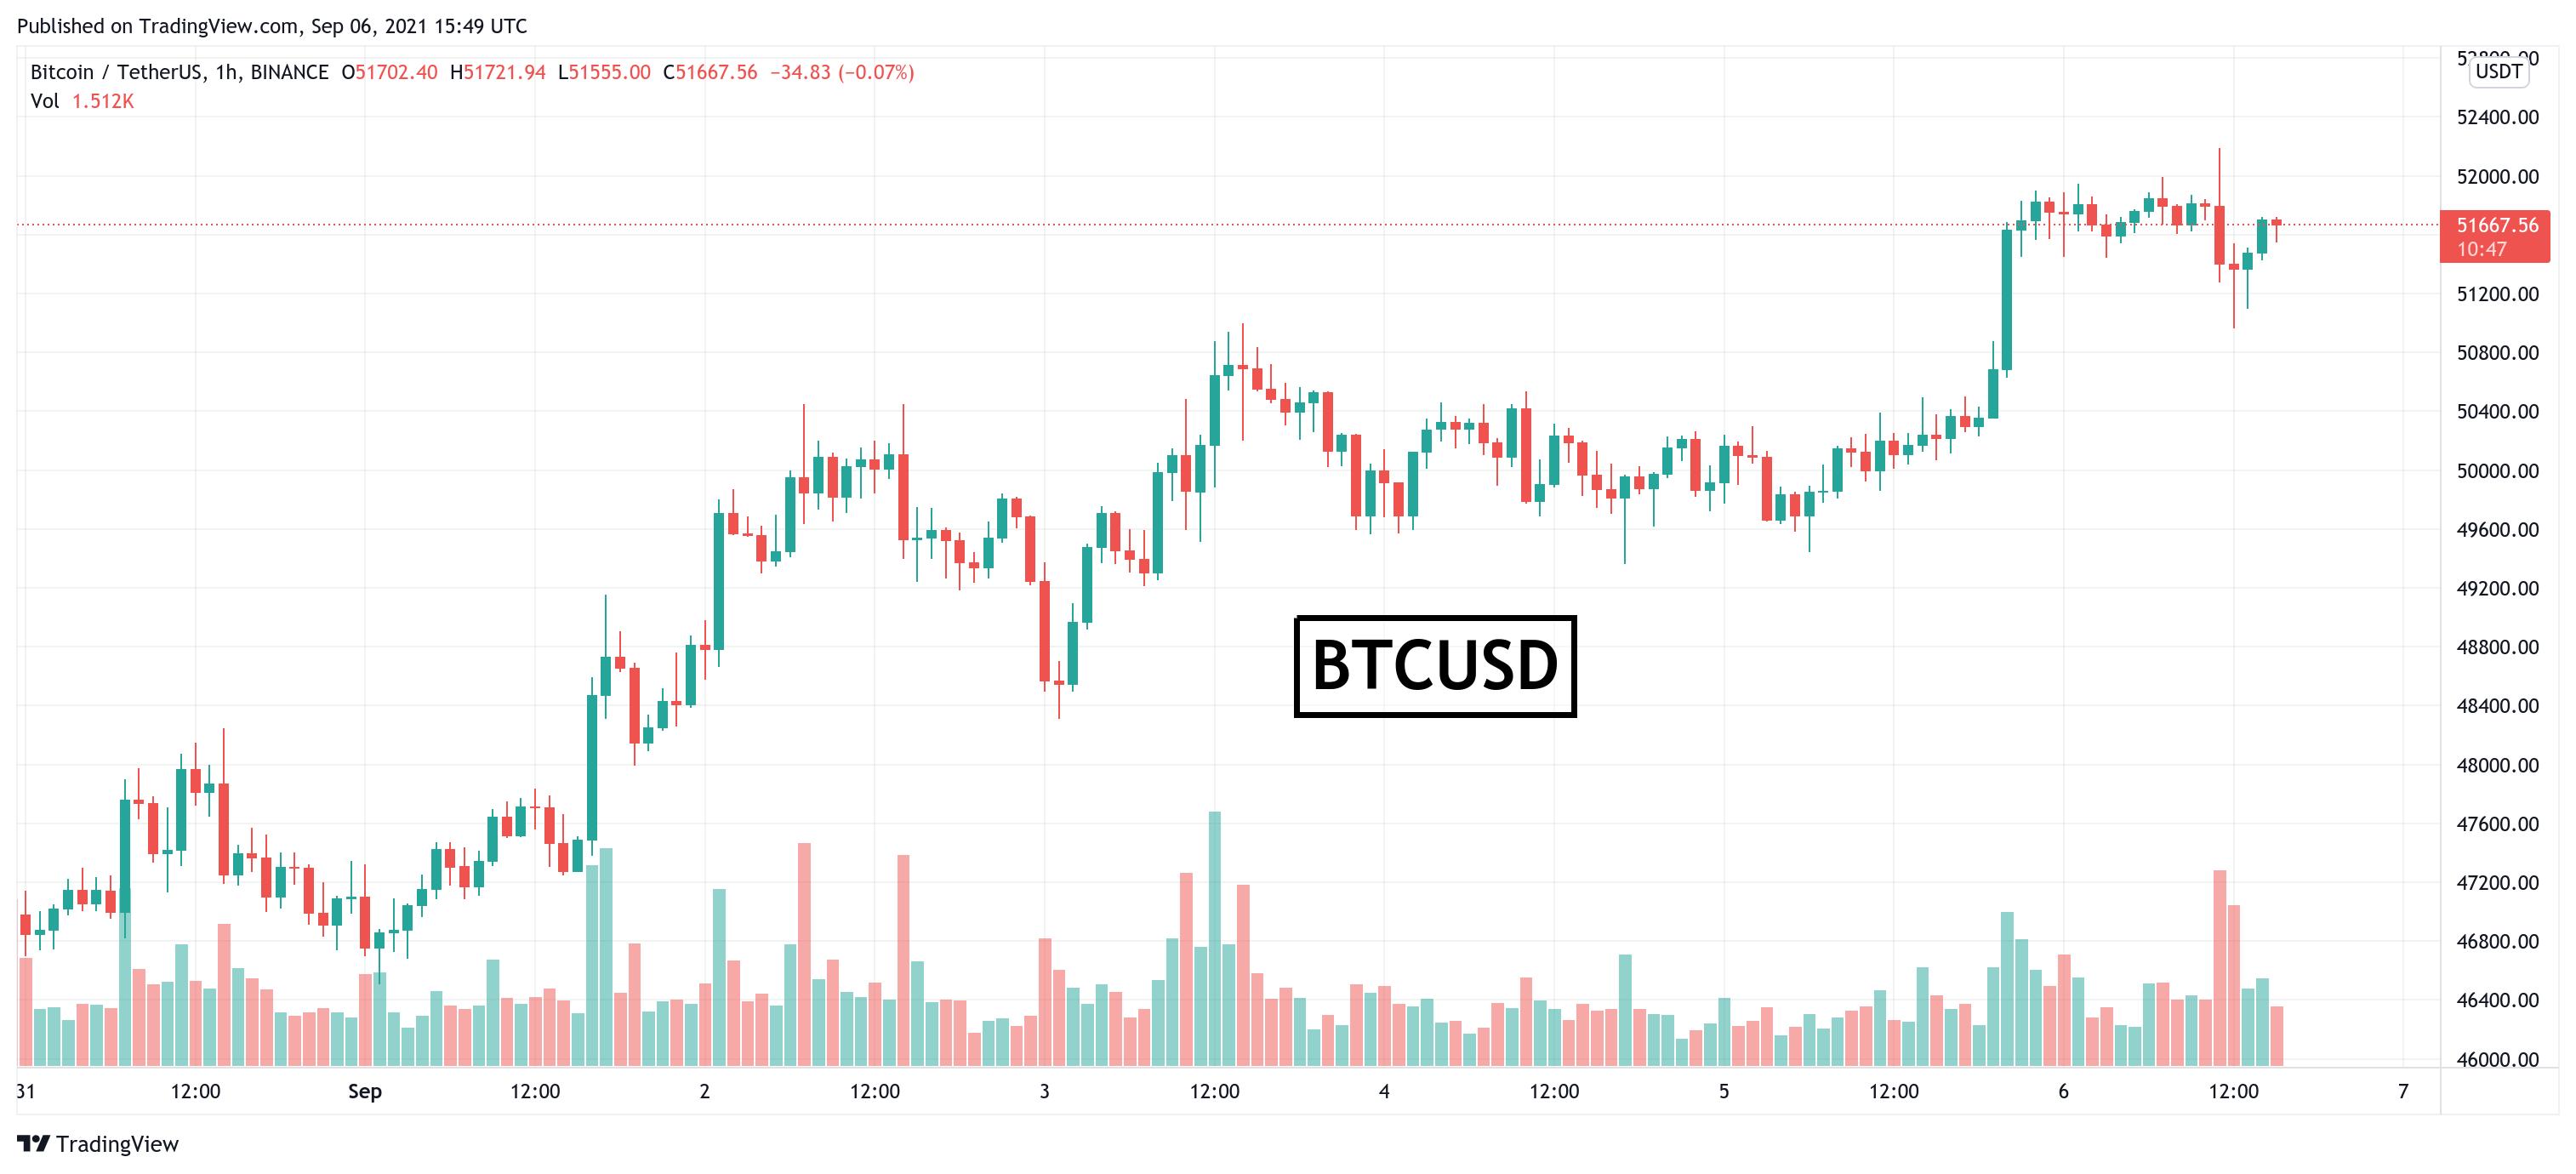 Bitcoin păstrează $51,000. Iată ce nivele trebuie urmărite